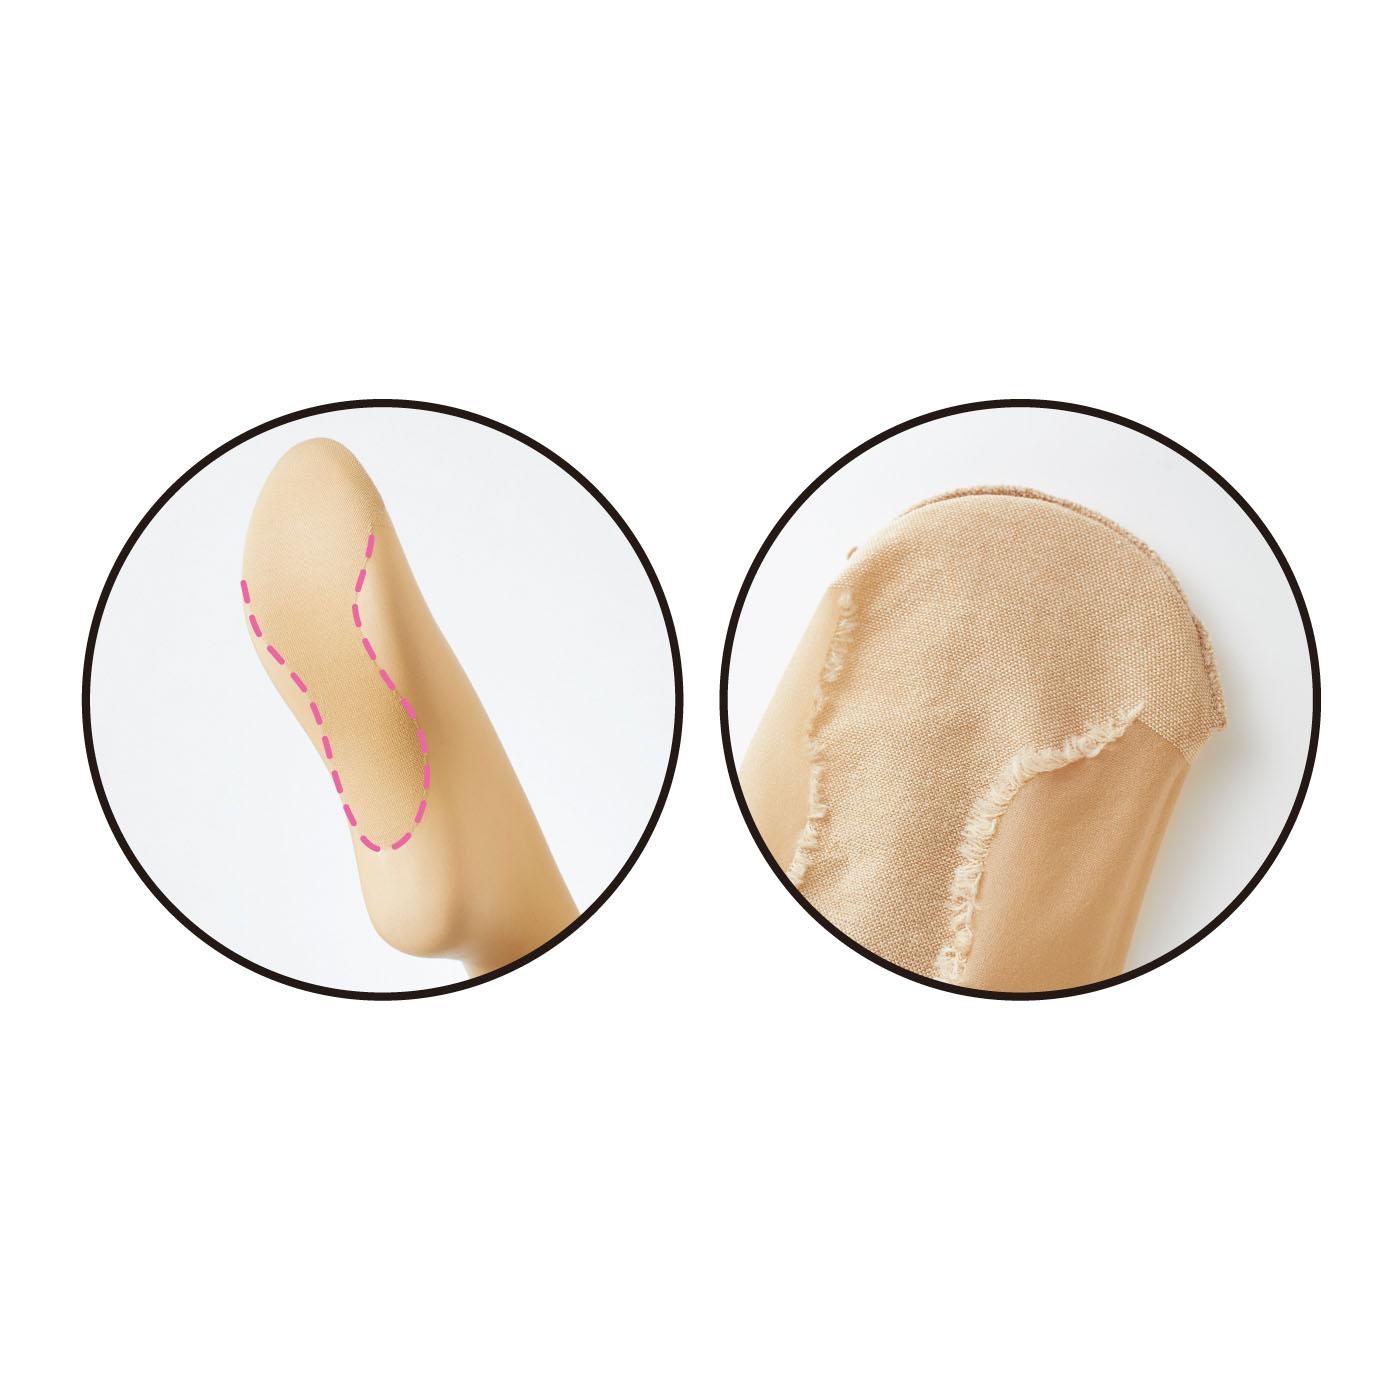 むれやすいつま先と足裏の肌側は綿糸遣いで、むれを軽減。